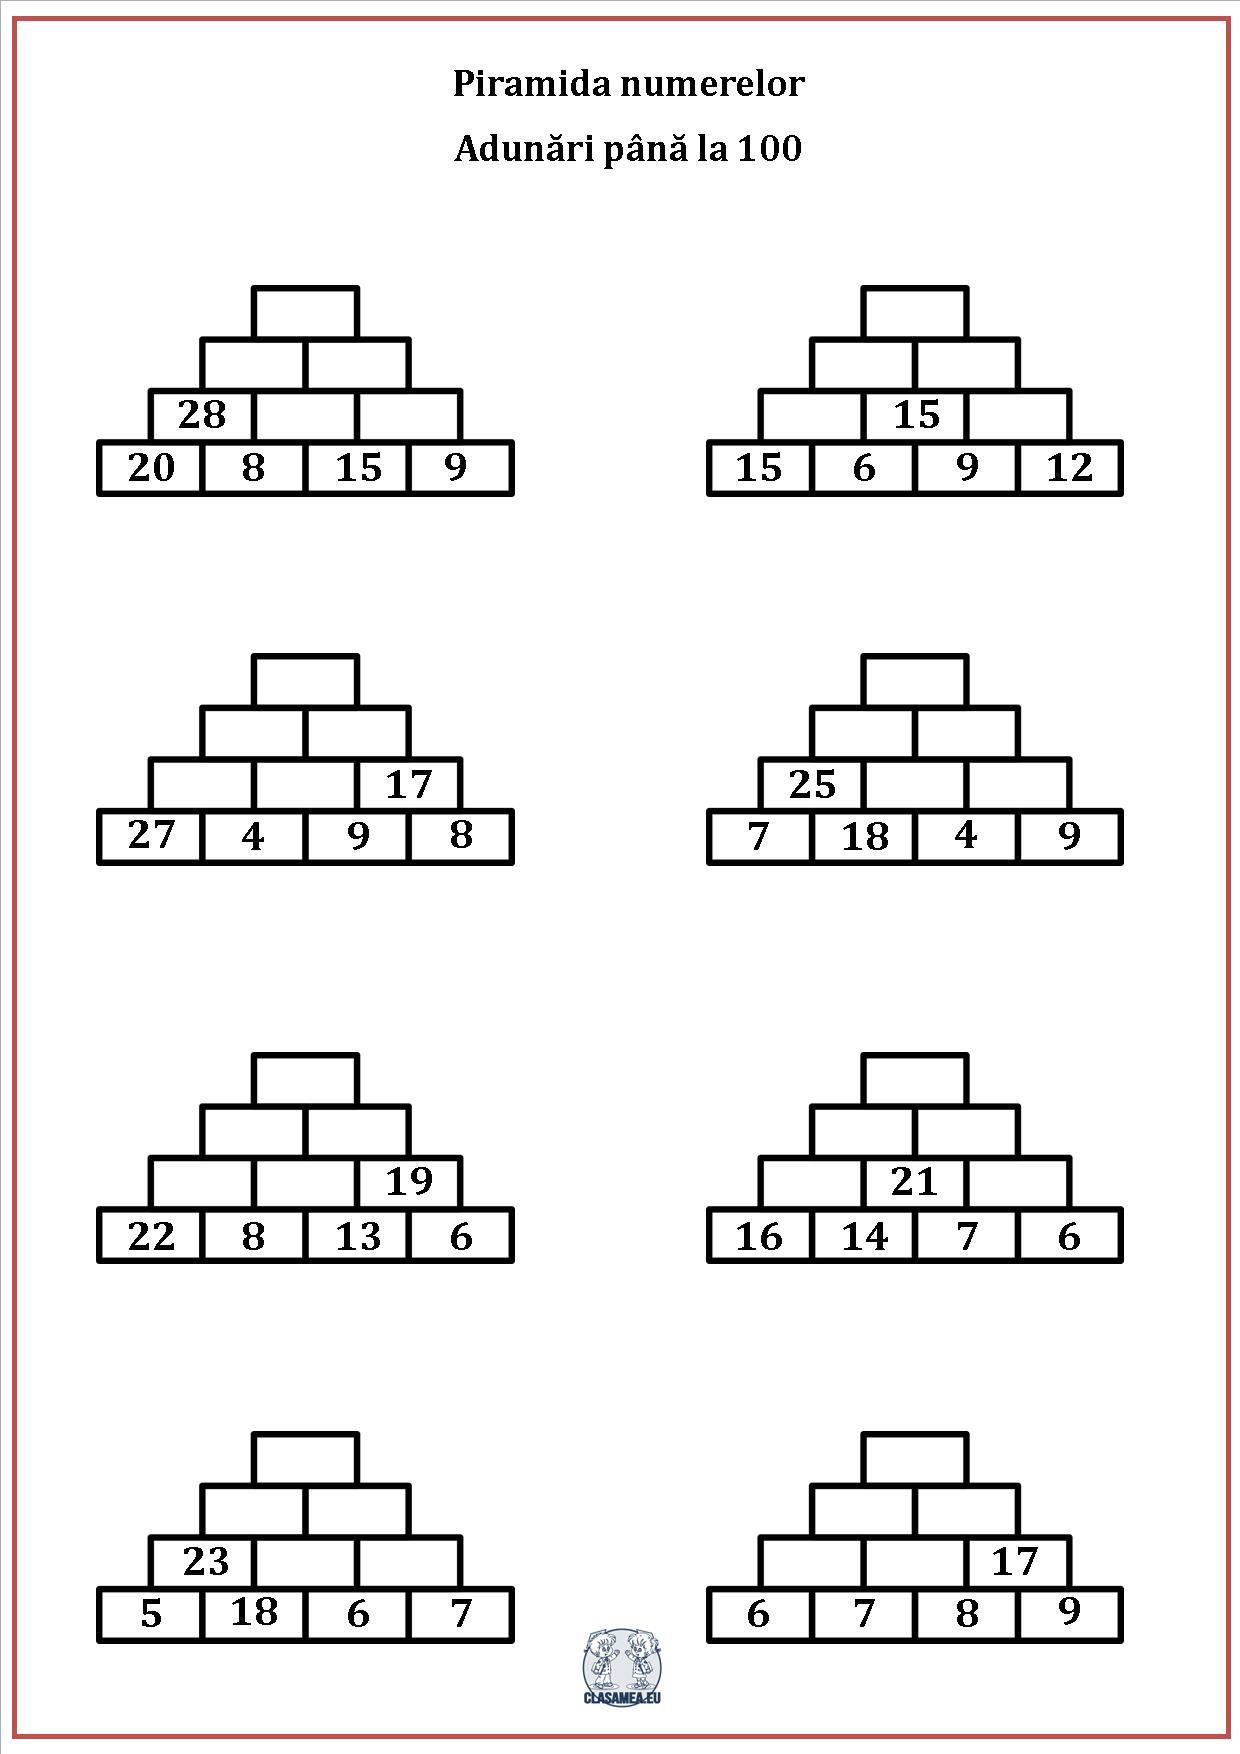 Piramida numerelor - Adunări până la 100